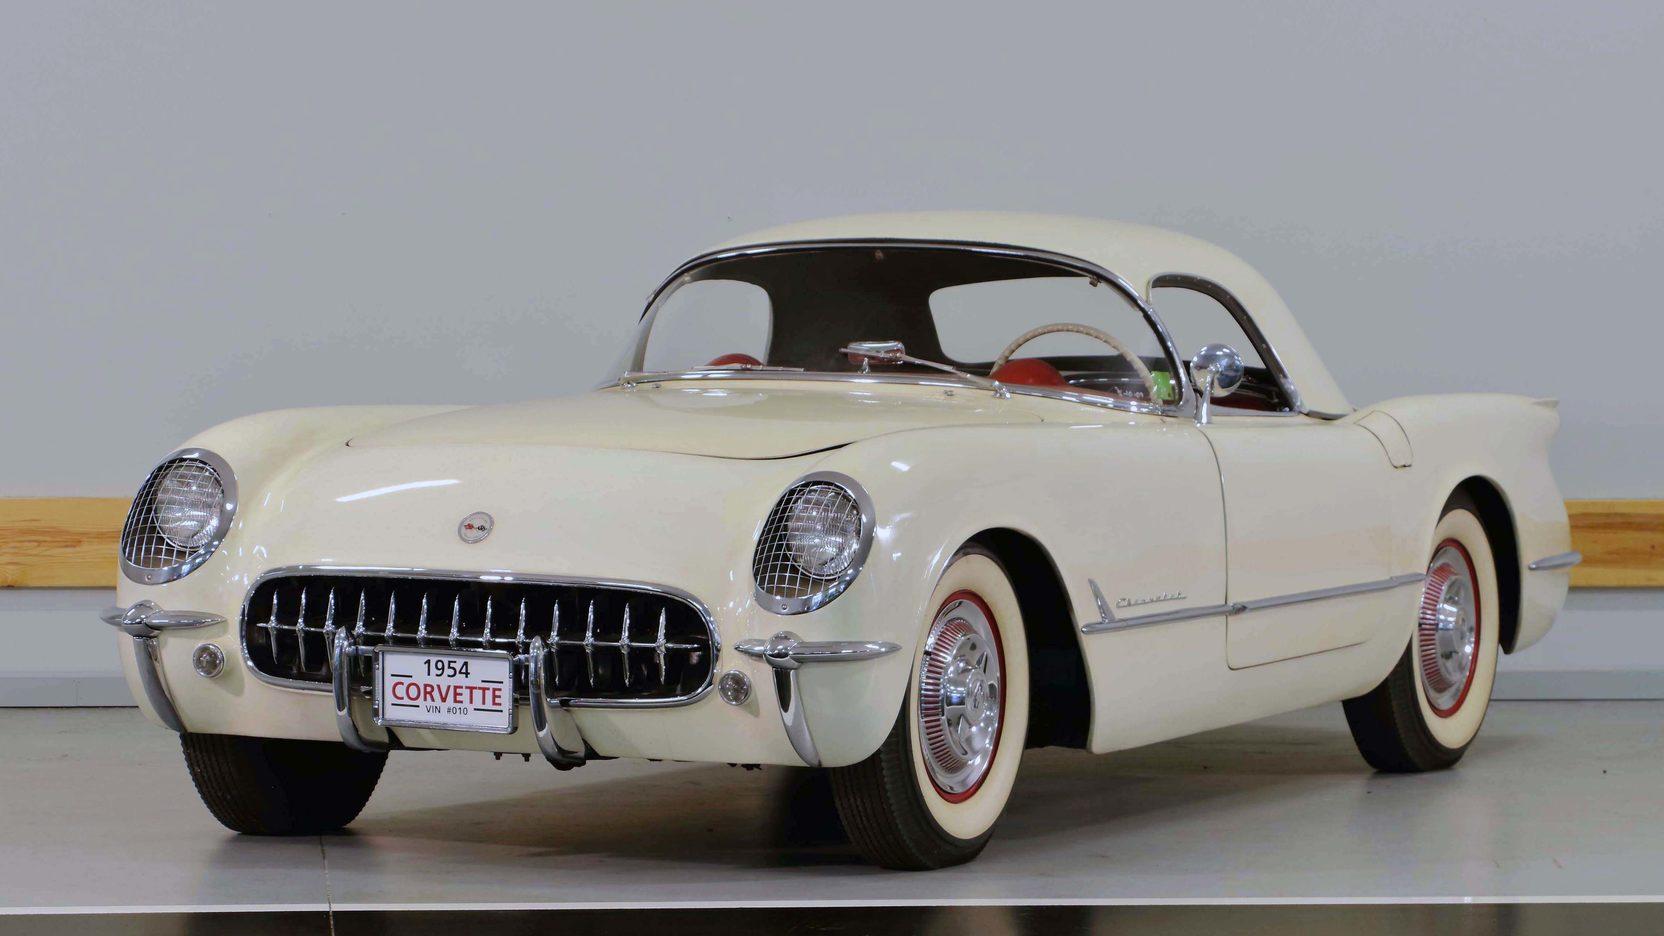 1954 Corvette Carburetors